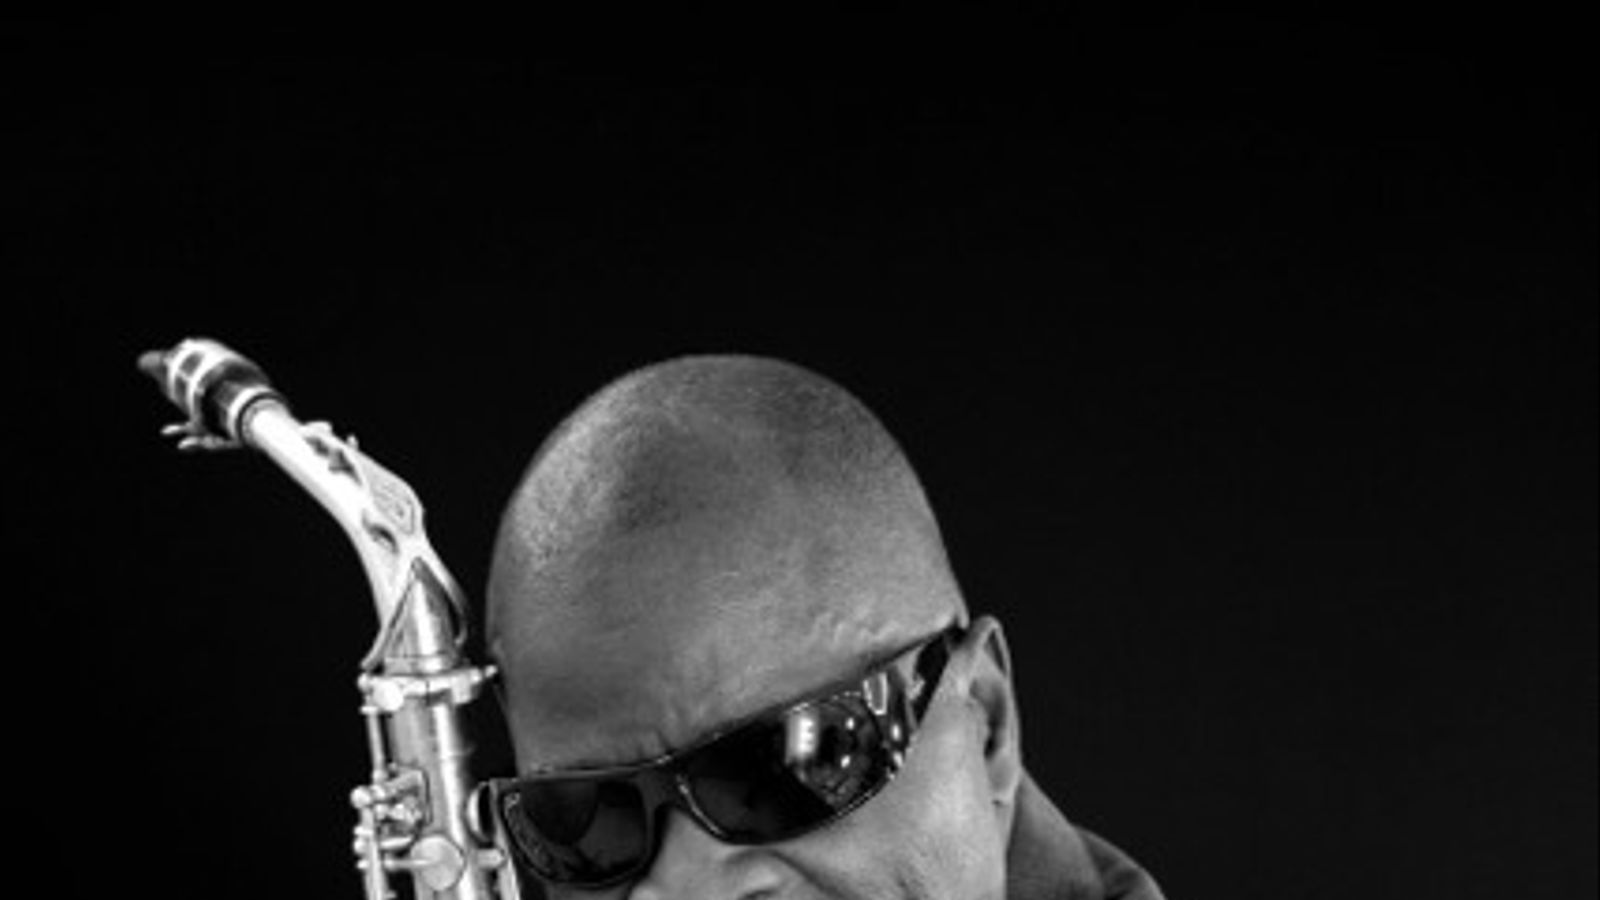 Cinc anys després, torna el Jazz Voyeur amb artistes com Maceo Parker